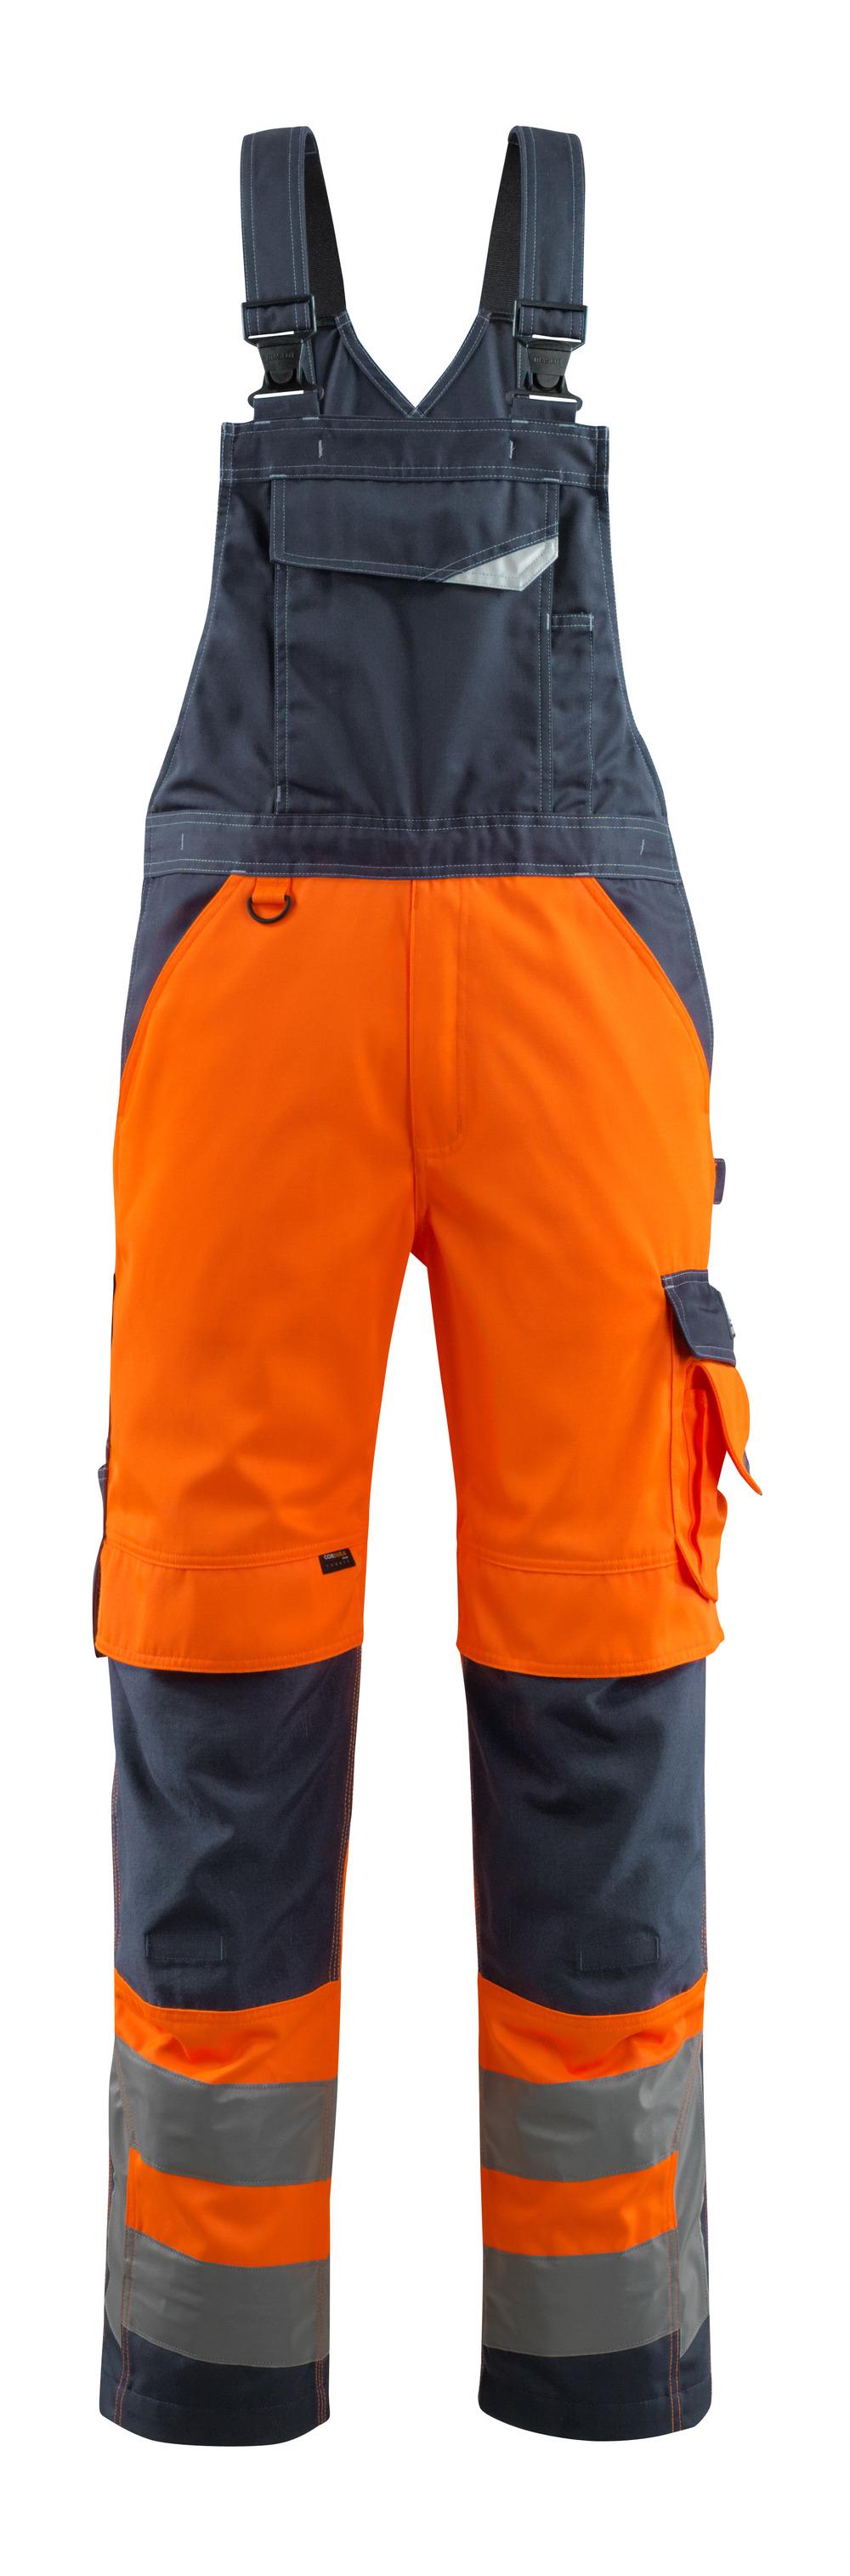 15569-860-14010 Latzhose mit Knietaschen - hi-vis Orange/Schwarzblau